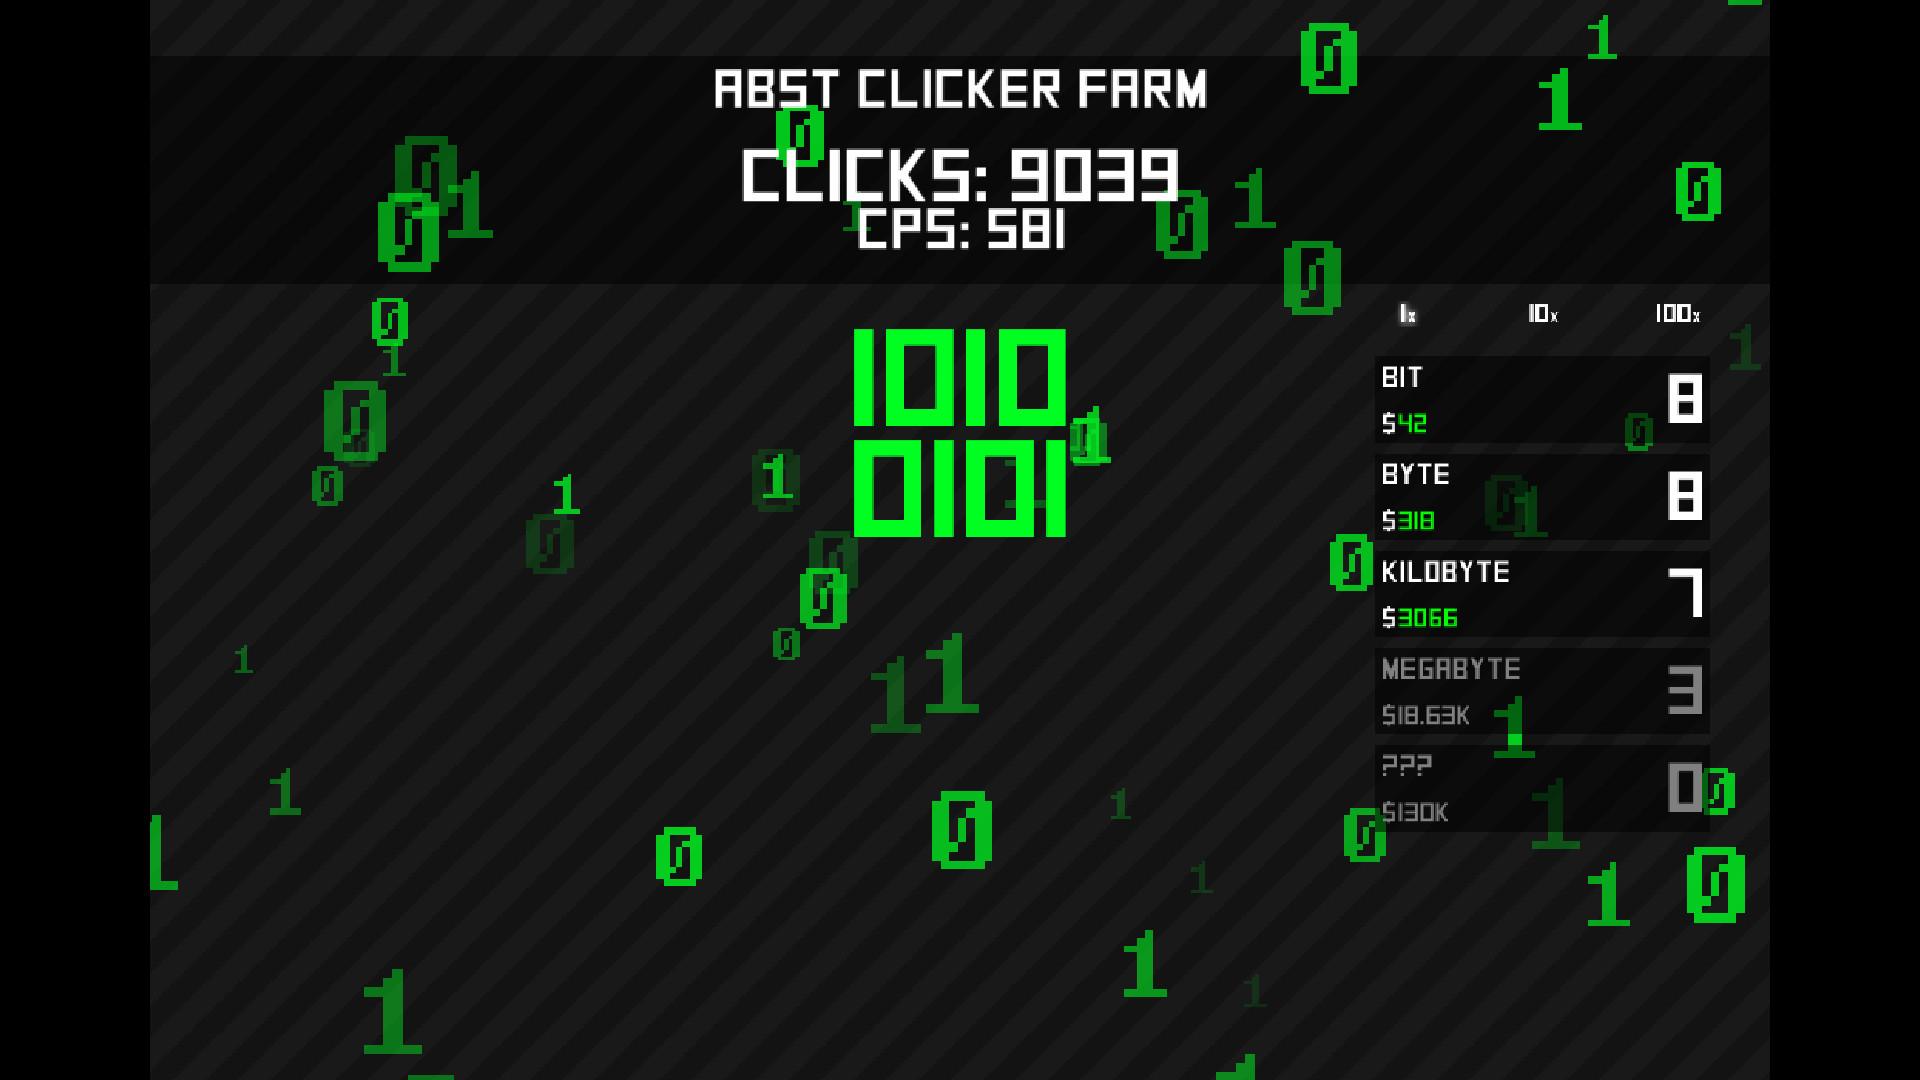 Abst Clicker Farm screenshot